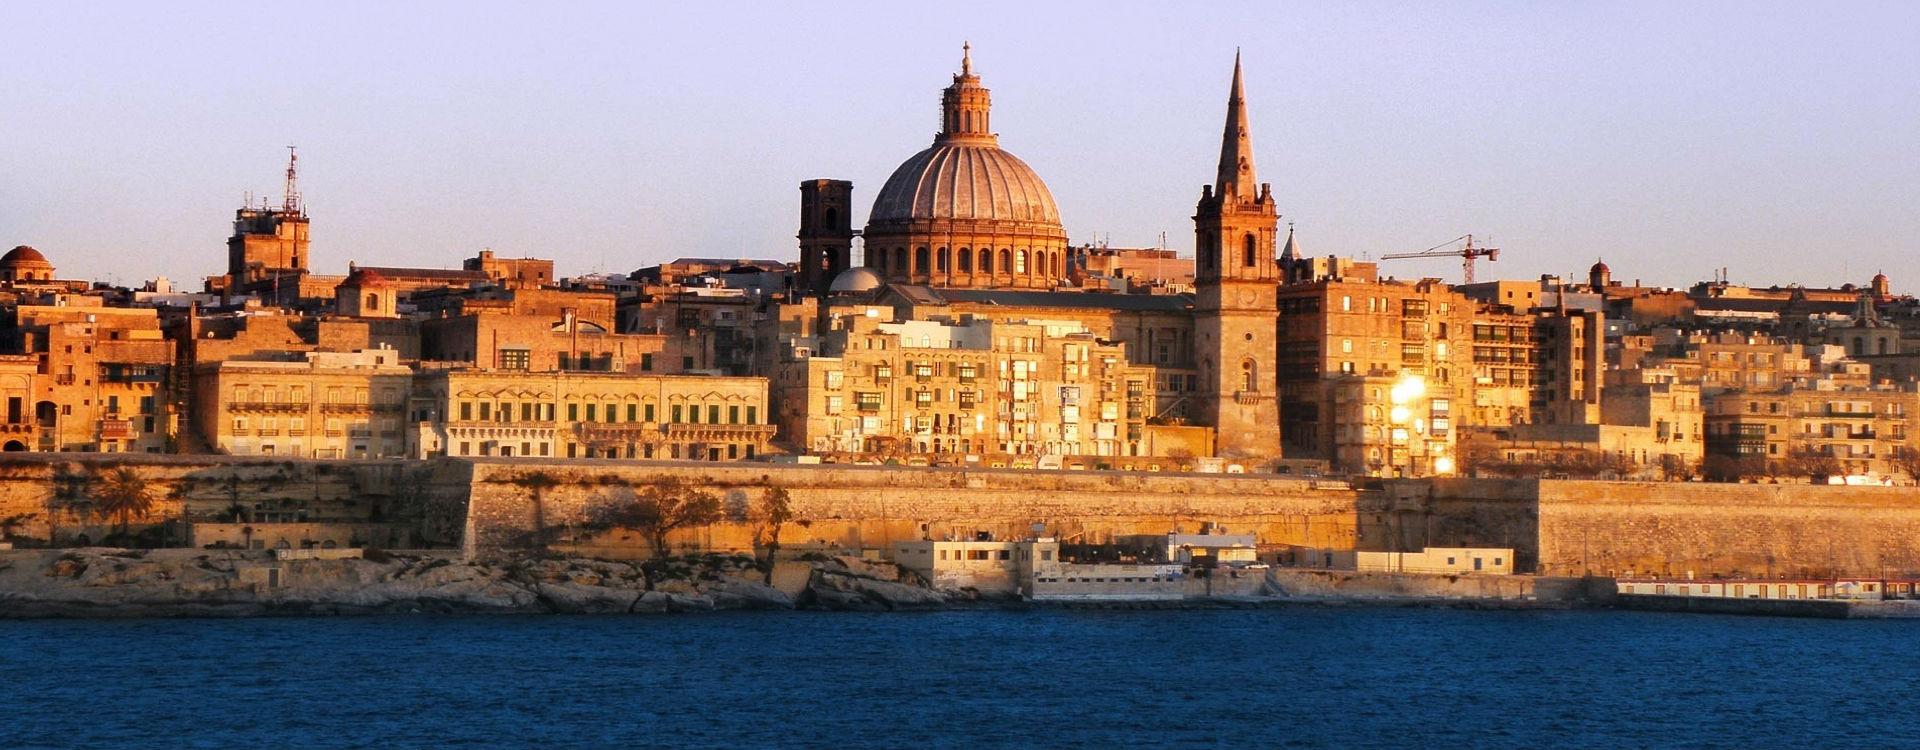 Excursiones Cruceros La Valeta y Mdina - Tour Privado